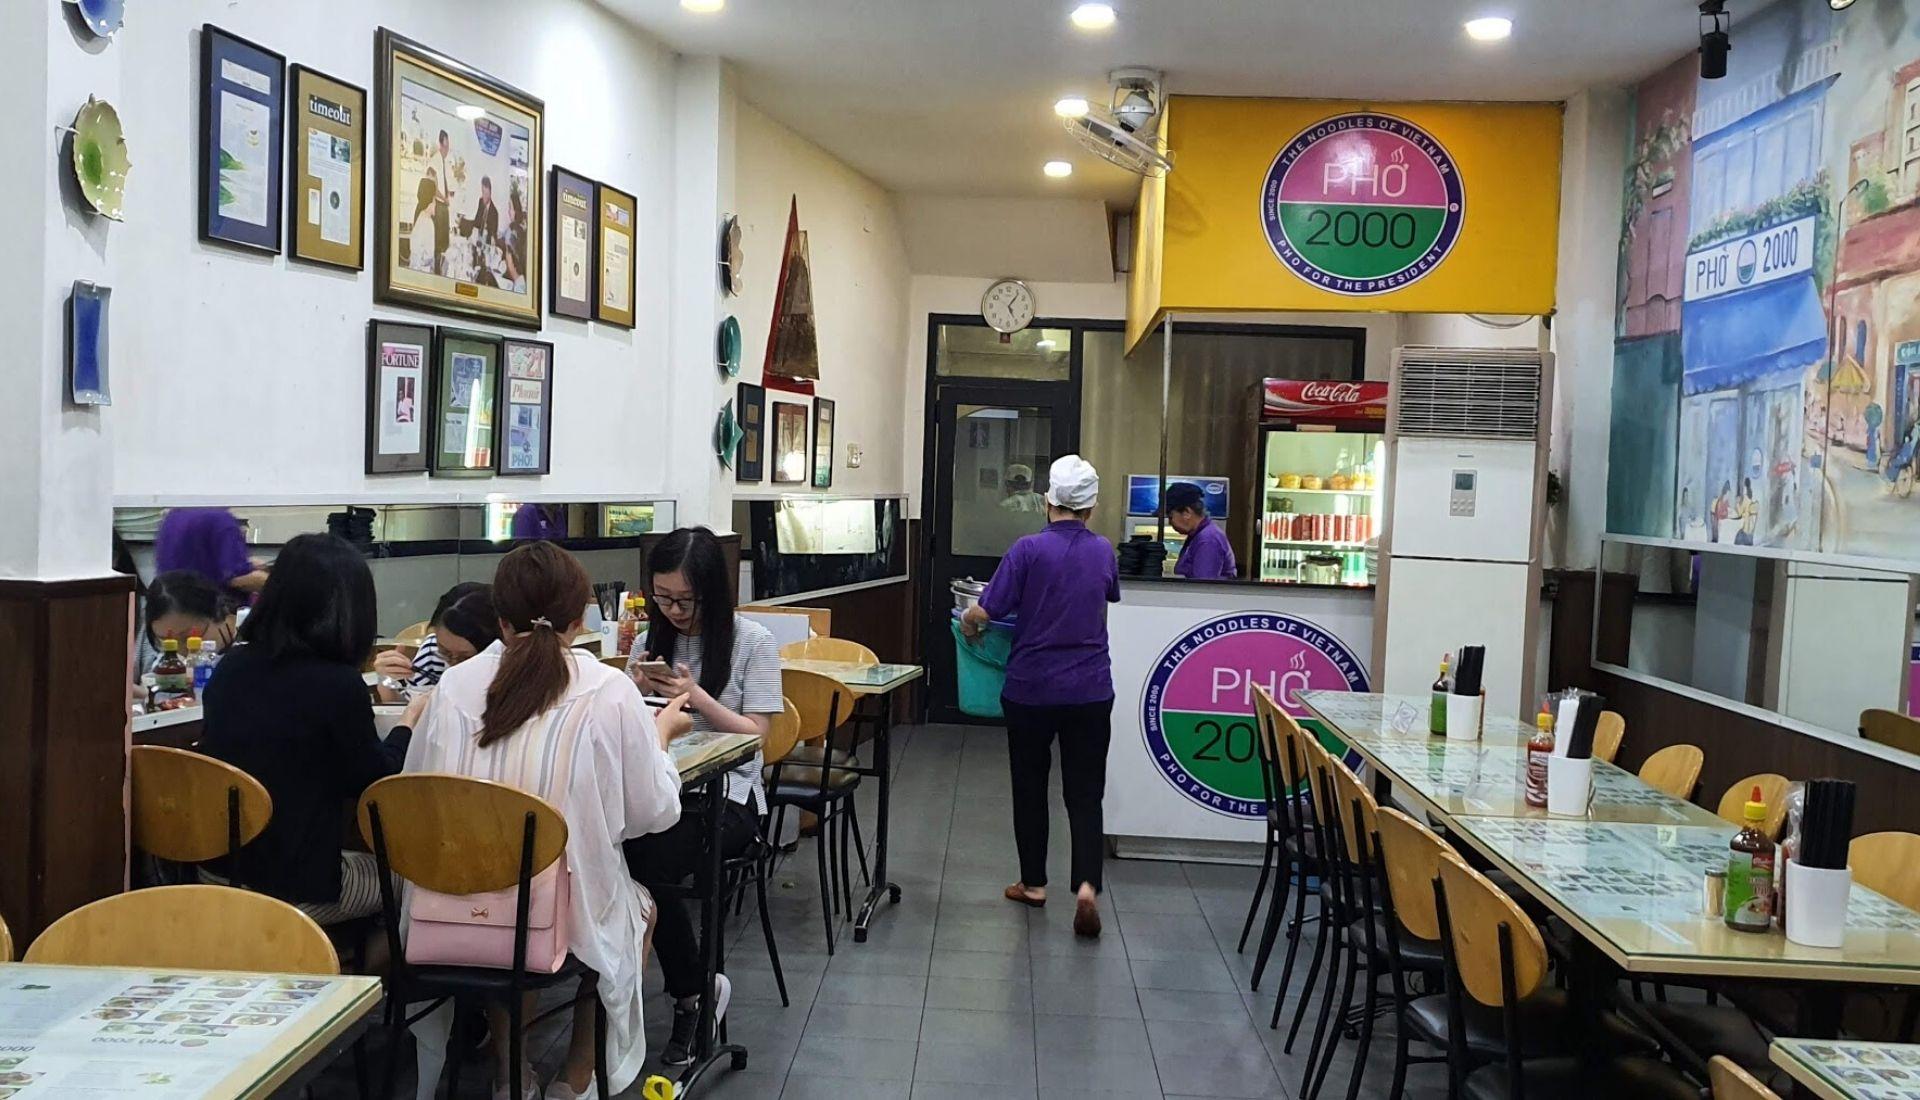 Pho 2000 Saigon